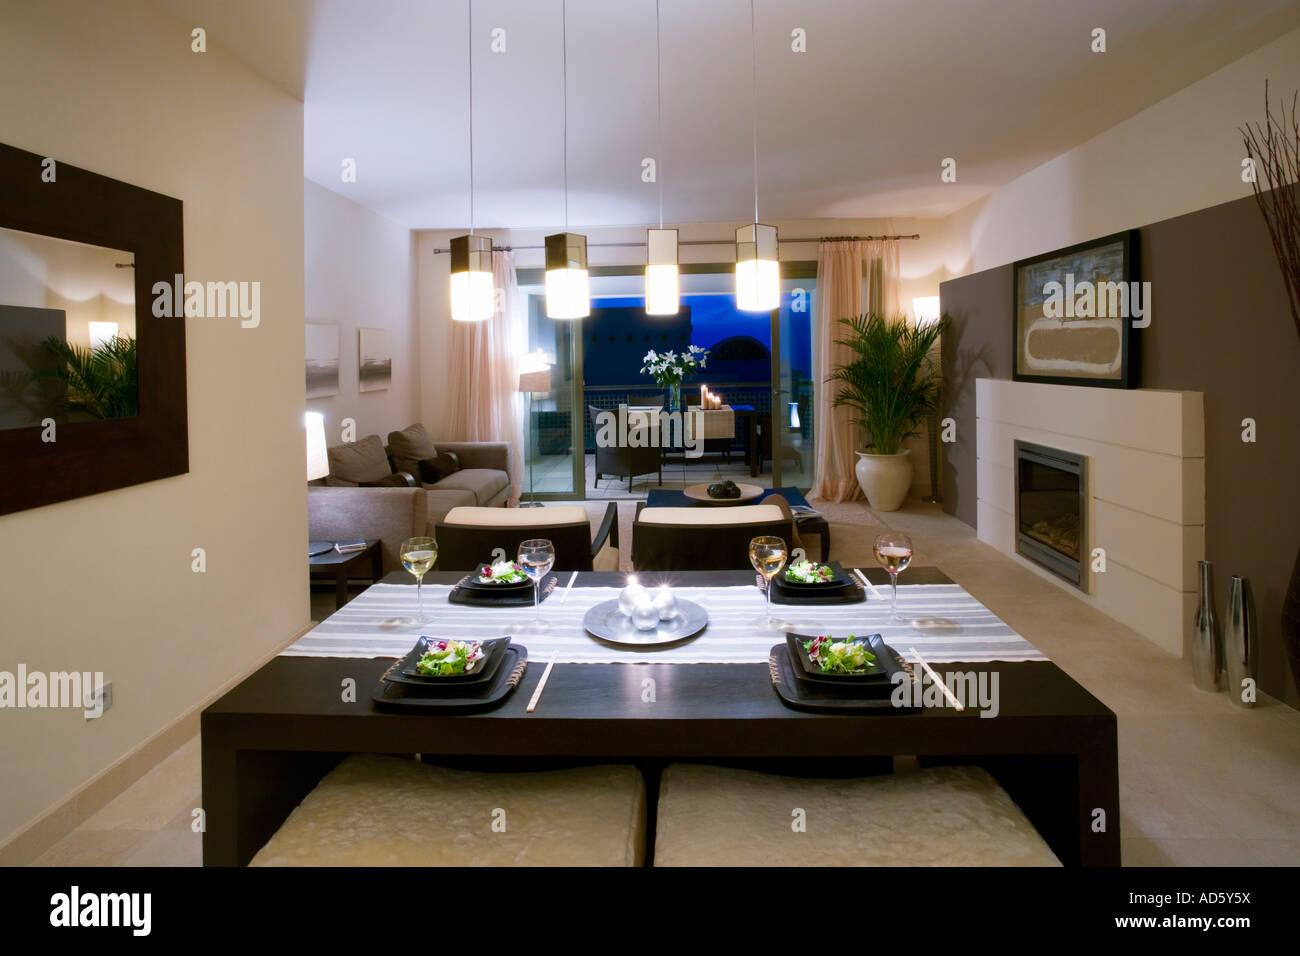 Offene Küche Und Wohnzimmer Im Modernen Spanischen Wohnung Mit Kamin Und  Hängende Beleuchtung